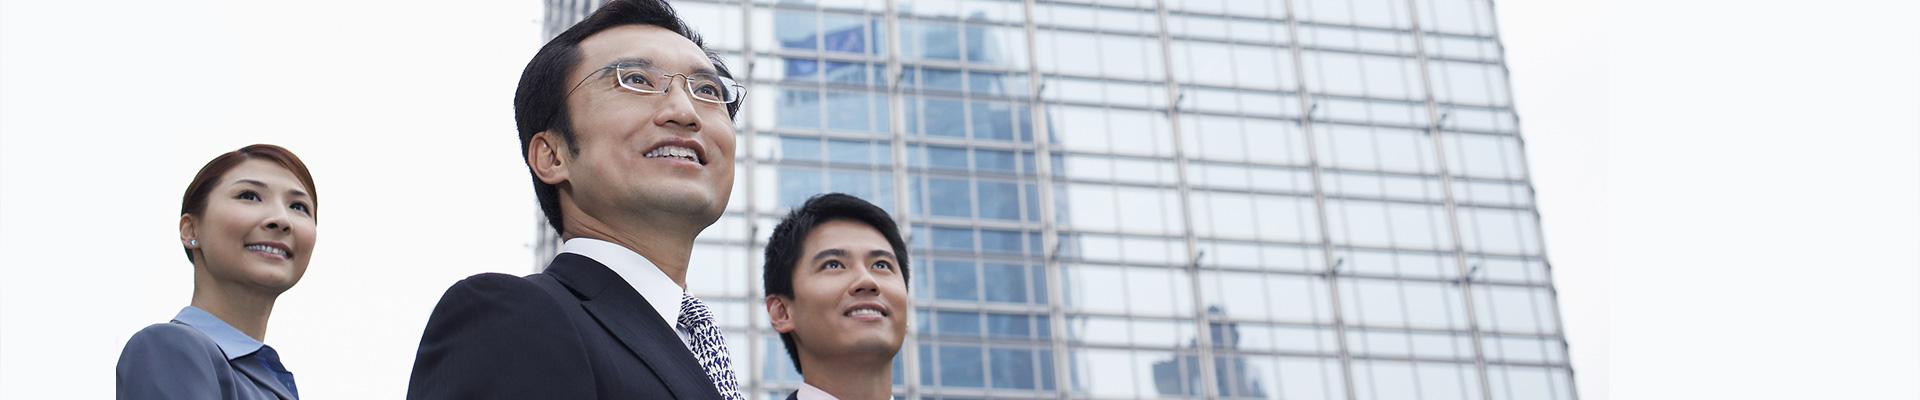 澳大利亚移民审计_澳洲投资移民审计服务 - ag亚游官网只为非凡会计师事务所